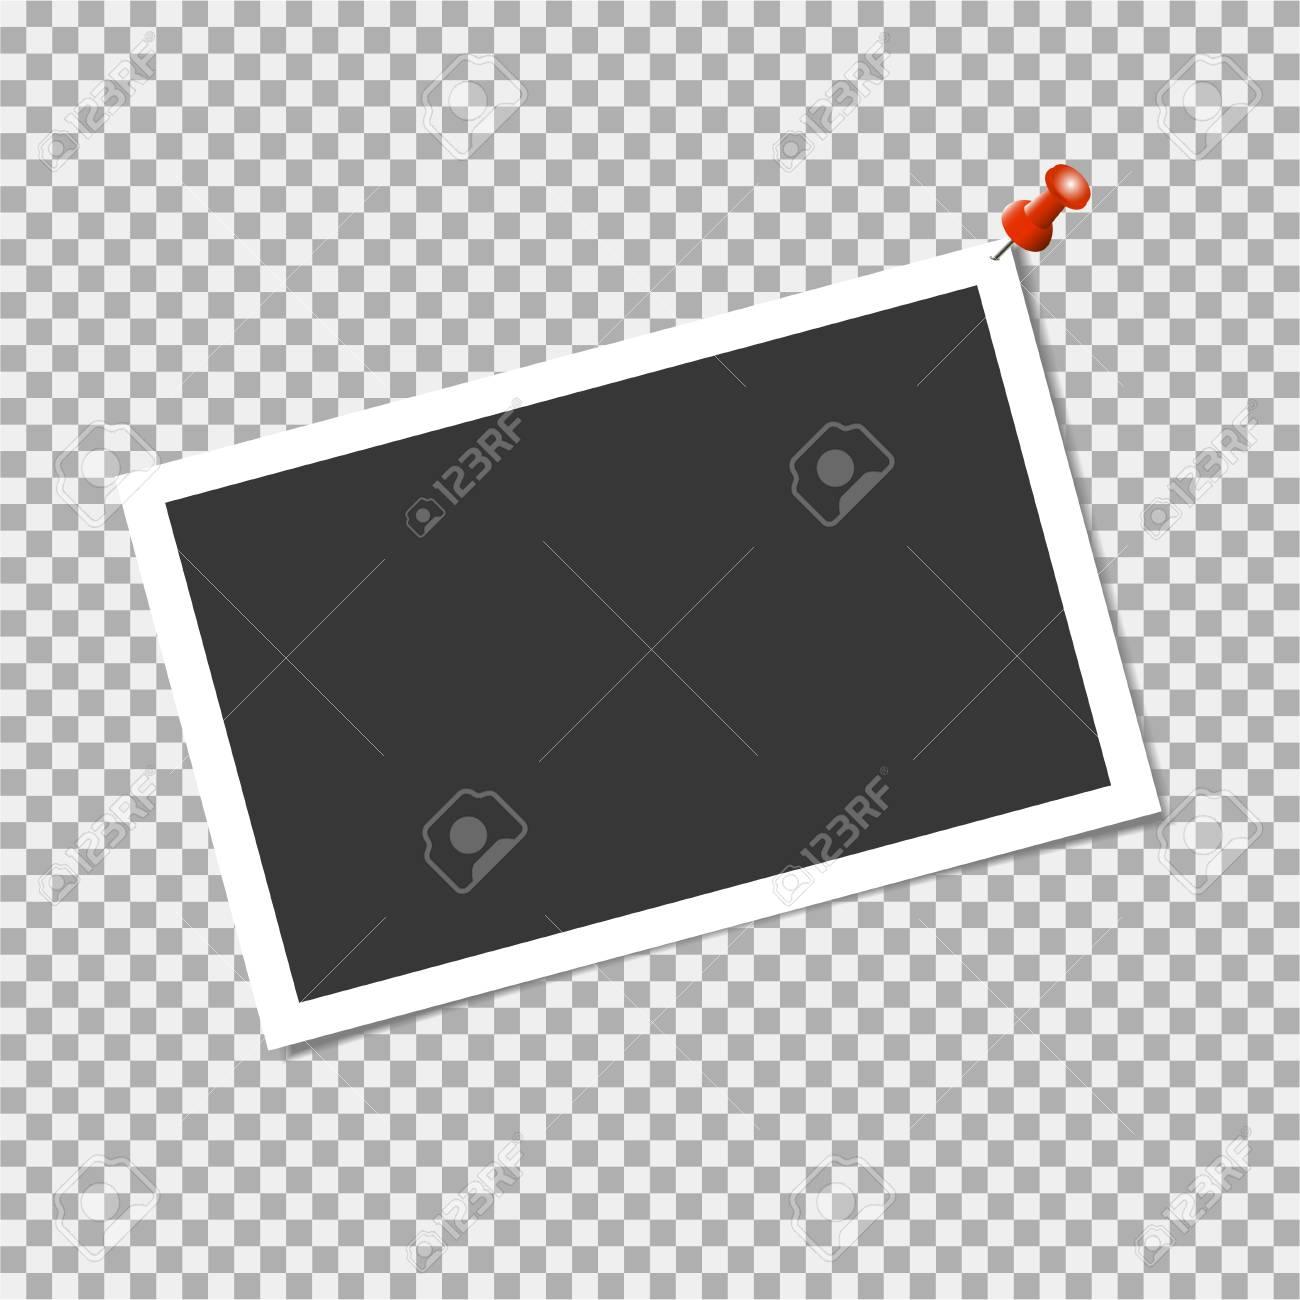 Cadre photo avec épingle sur fond transparent. Modèle vectoriel, vide pour photo ou image à la mode et élégant